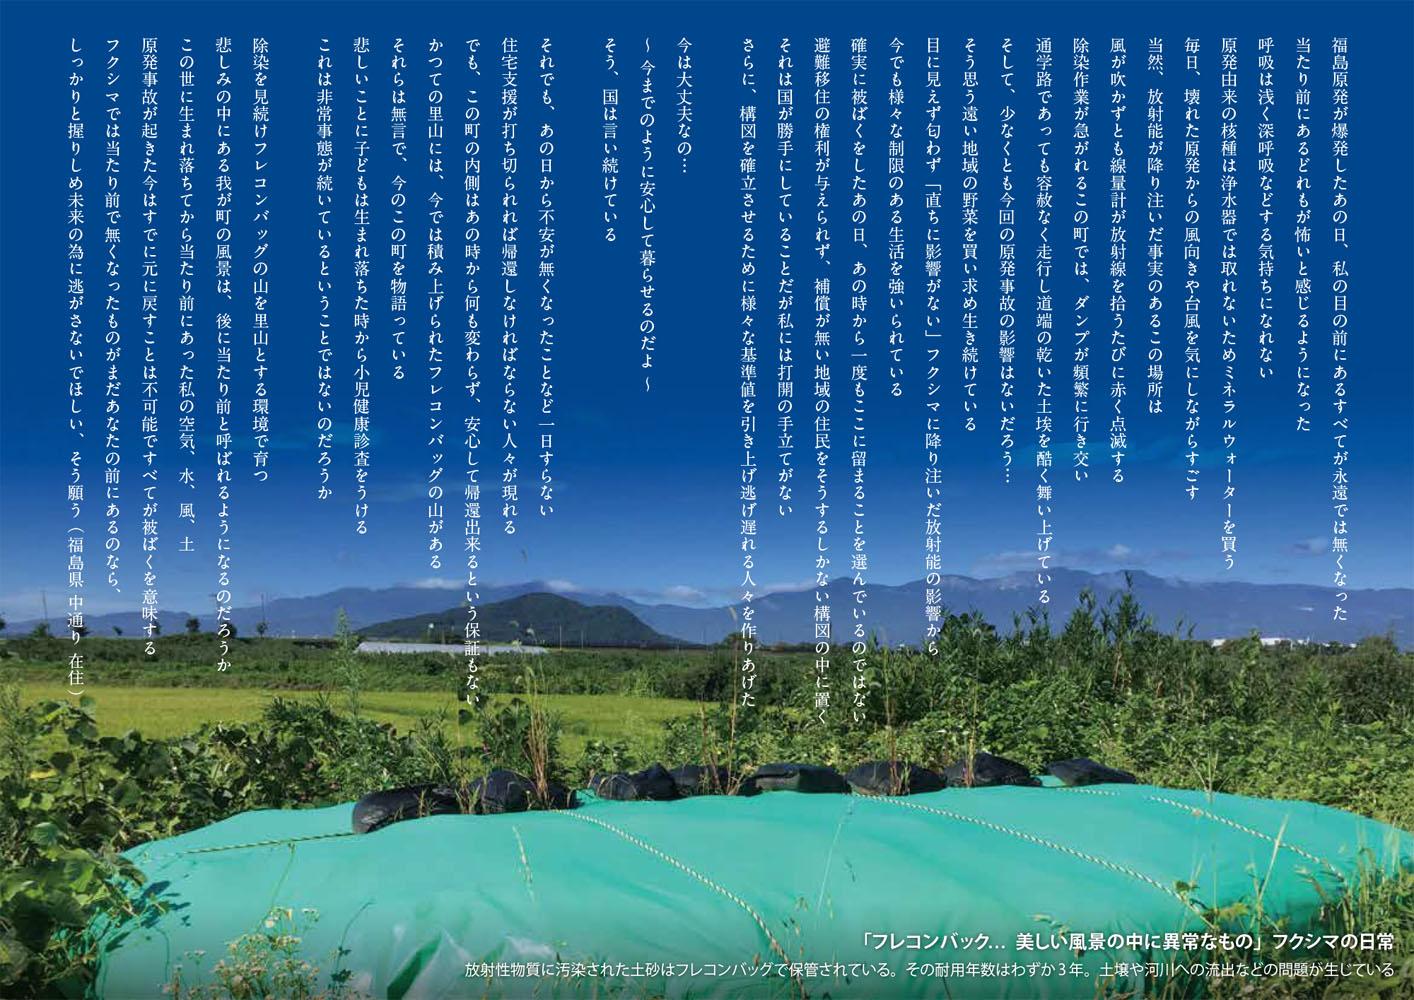 福島バッジプロジェクト、第5弾のチラシが完成しました!